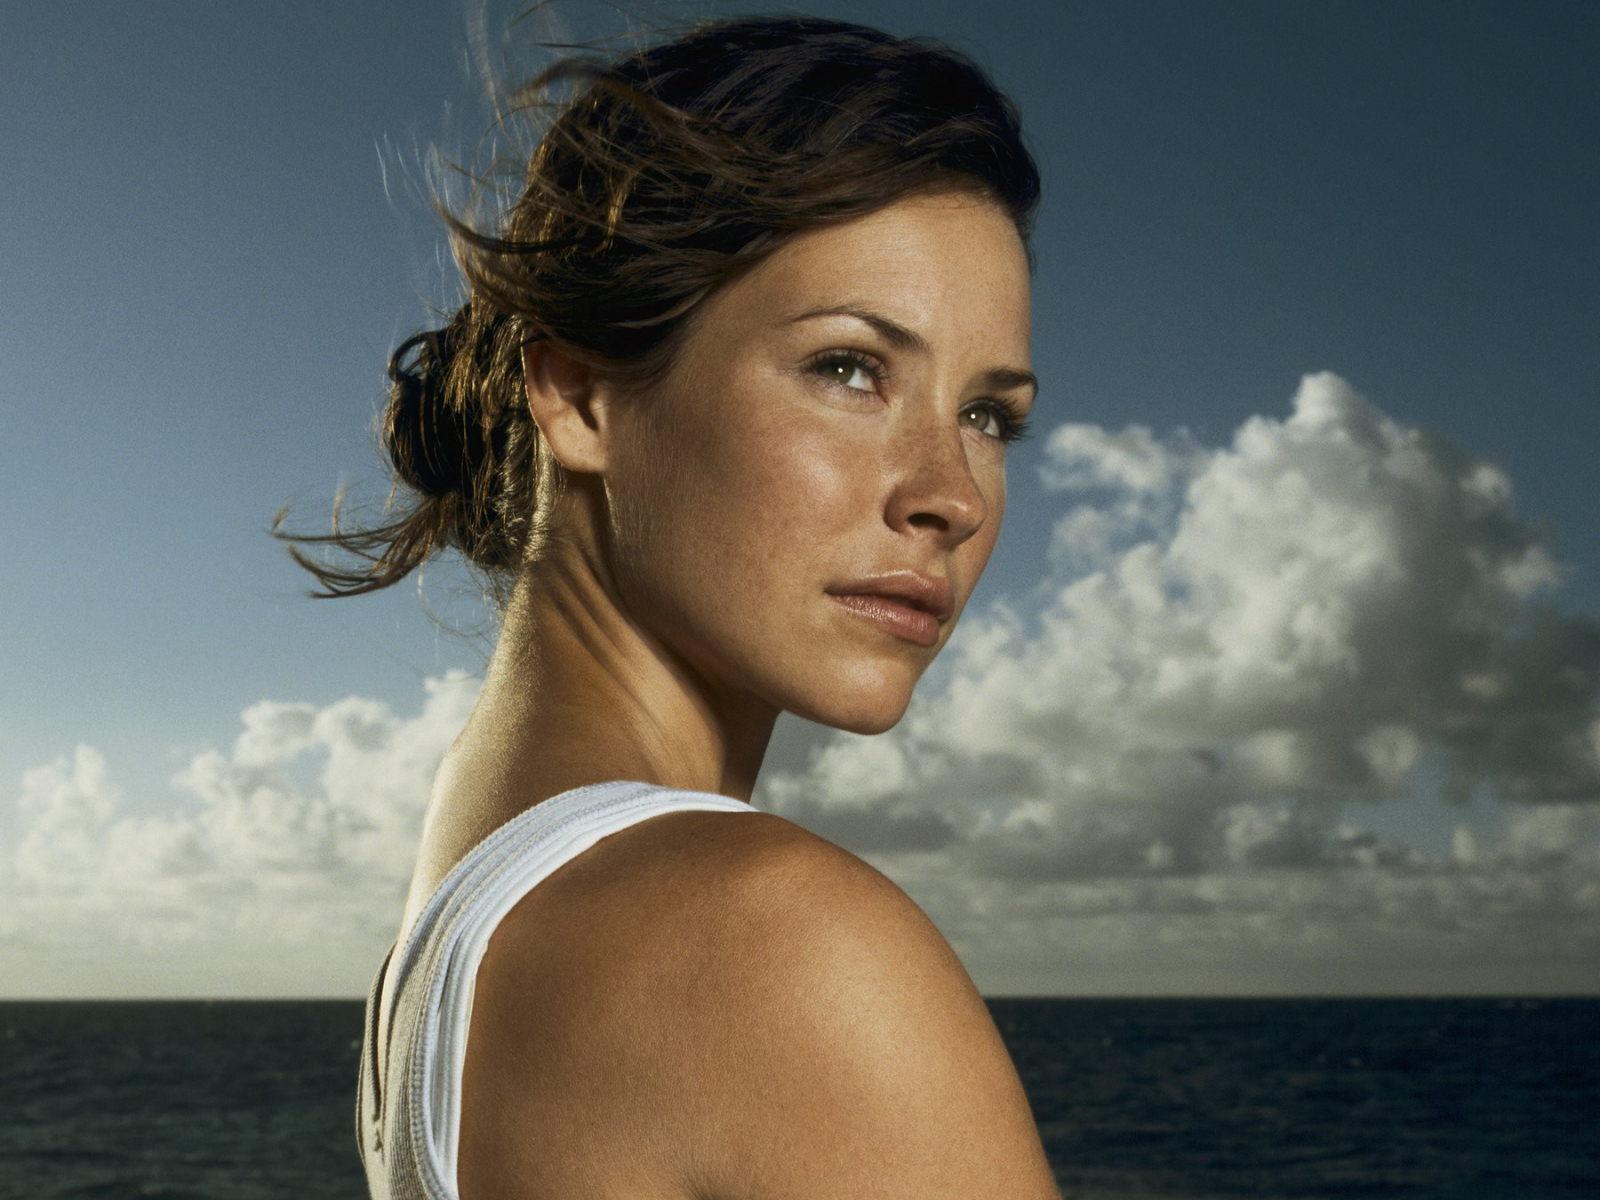 Female Celebrities Wallpaper HD 1600x1200